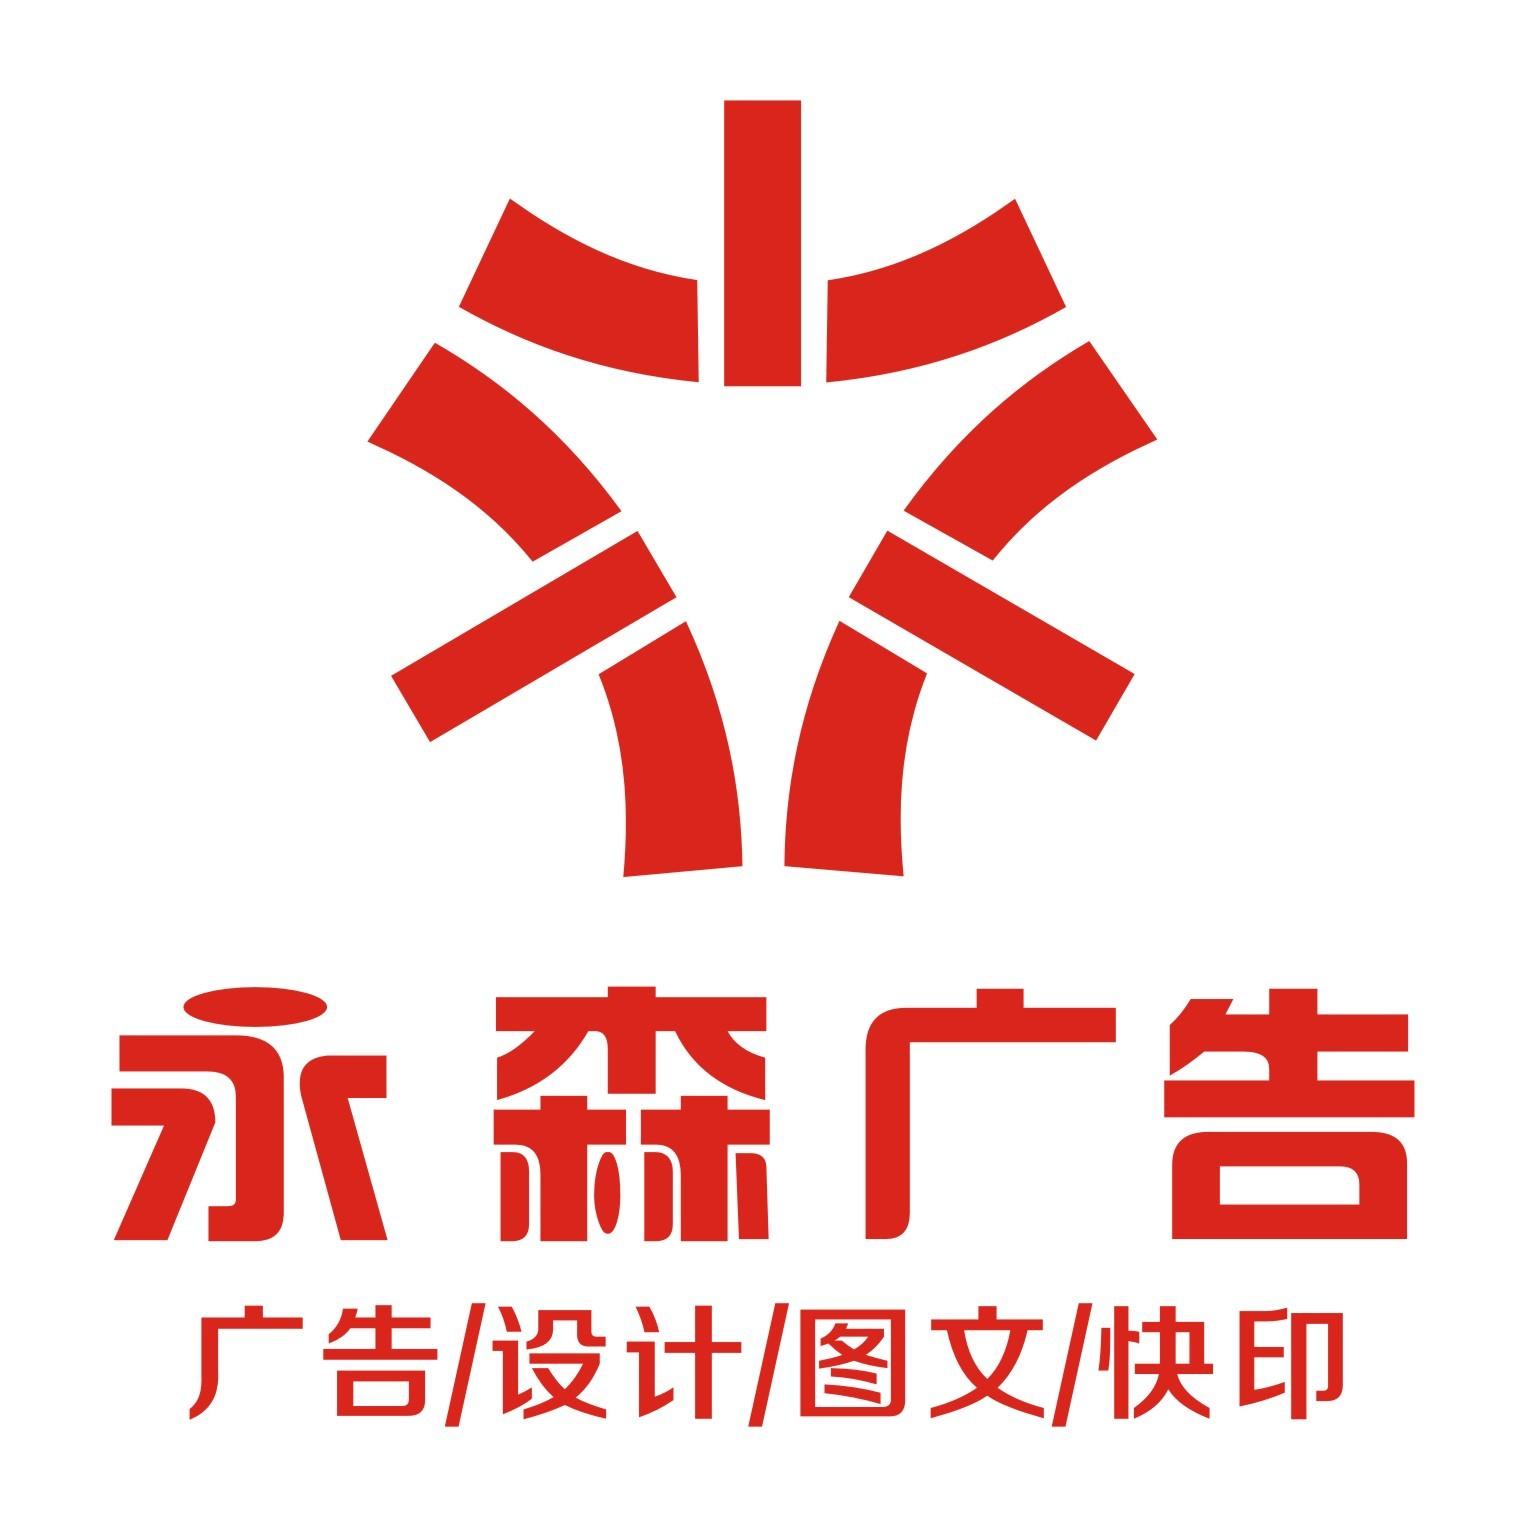 桂林永森广告策划有限公司招聘:公司标志 logo